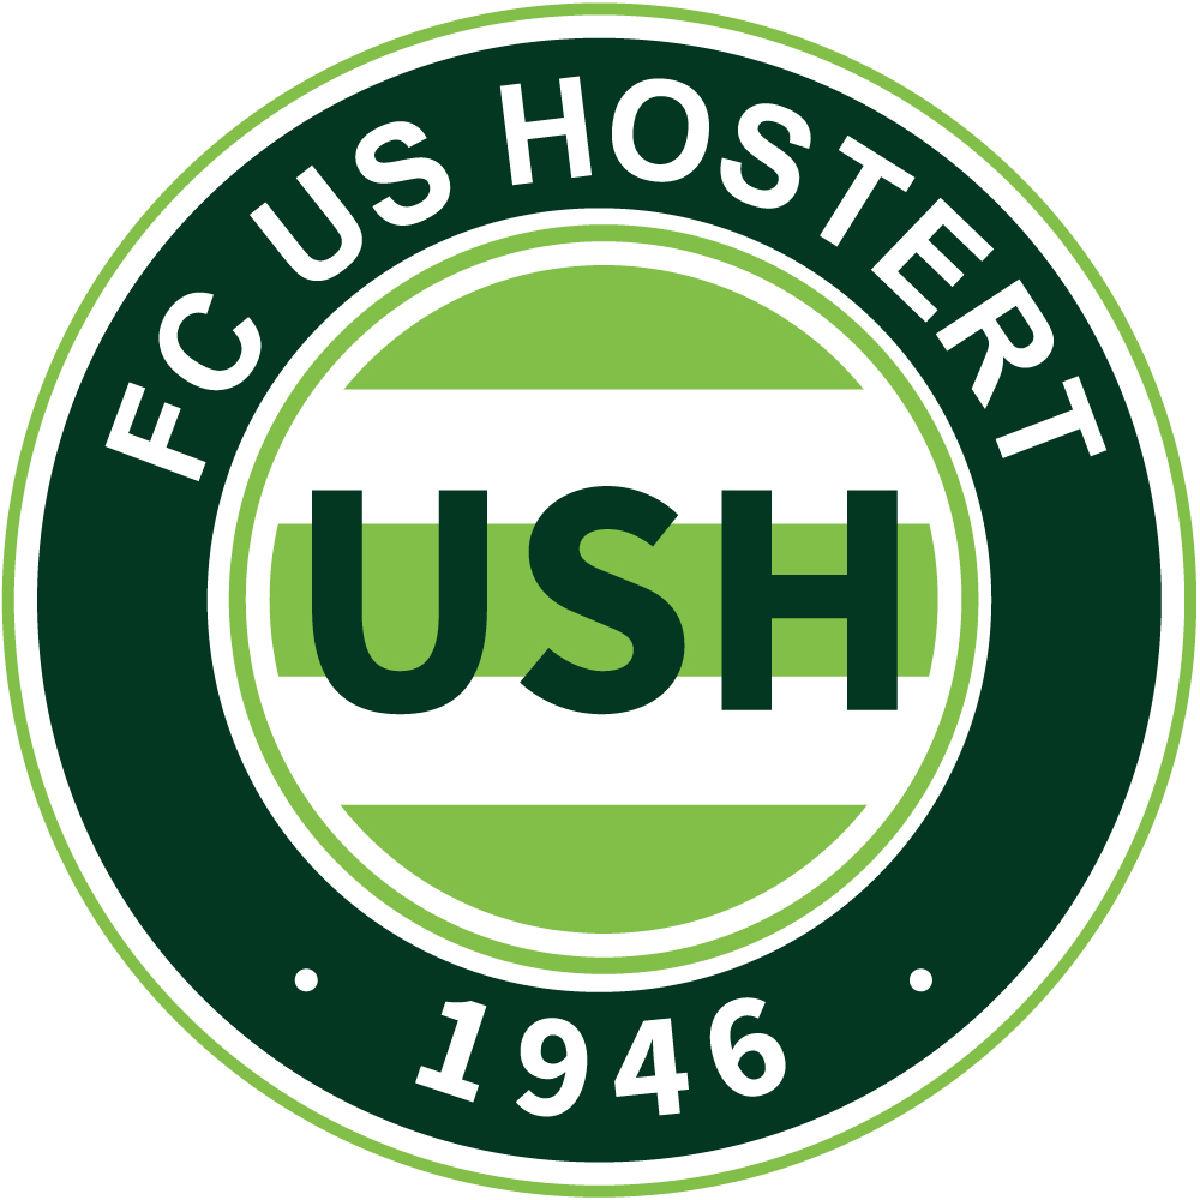 FC US HOSTERT, formules cartes nouvelle saison 2021/2022